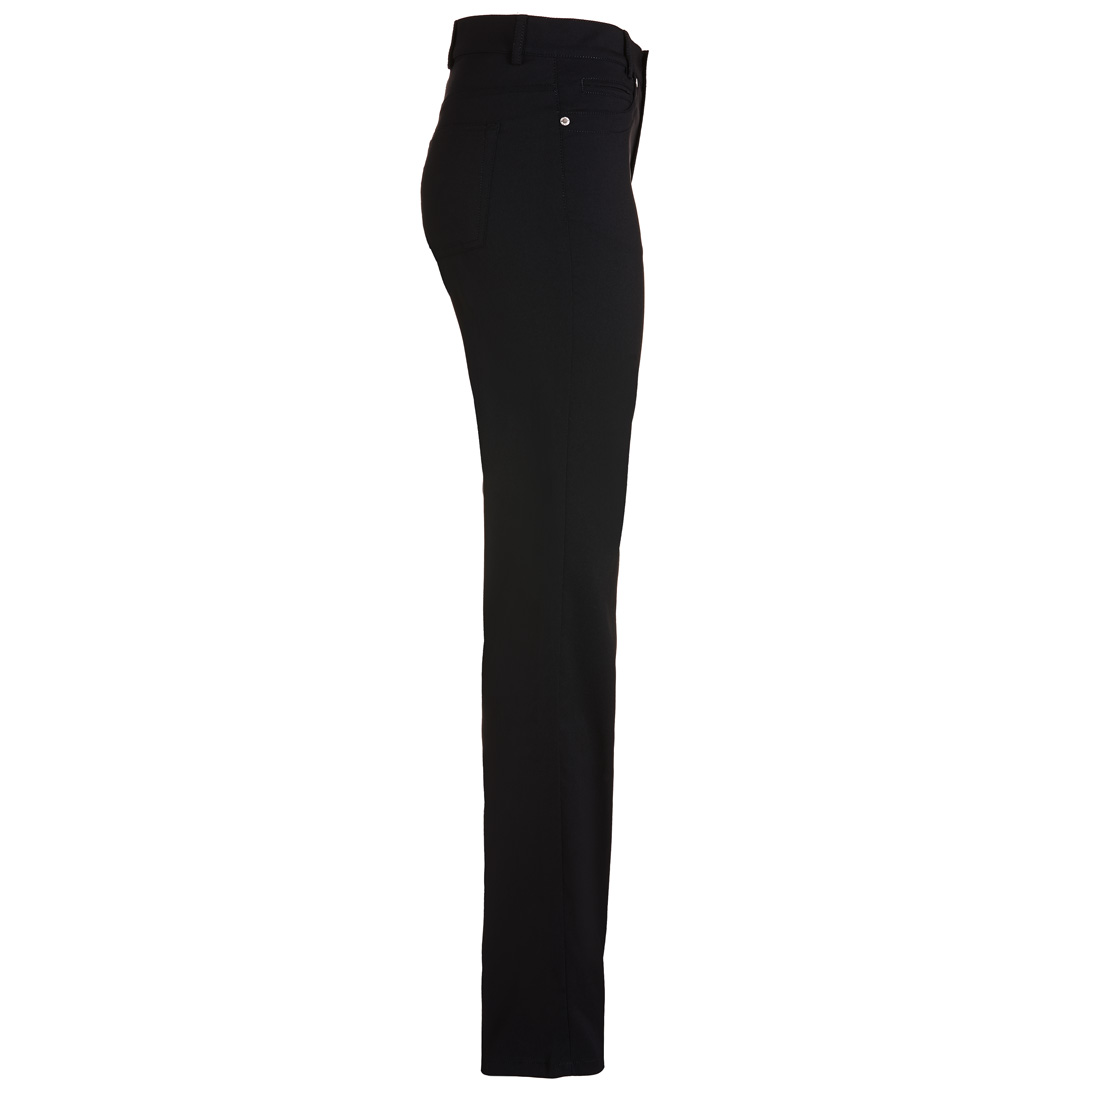 Damen Golfhose aus wasserabweisendem Stretch-Material mit Sonnenschutz-Funktion